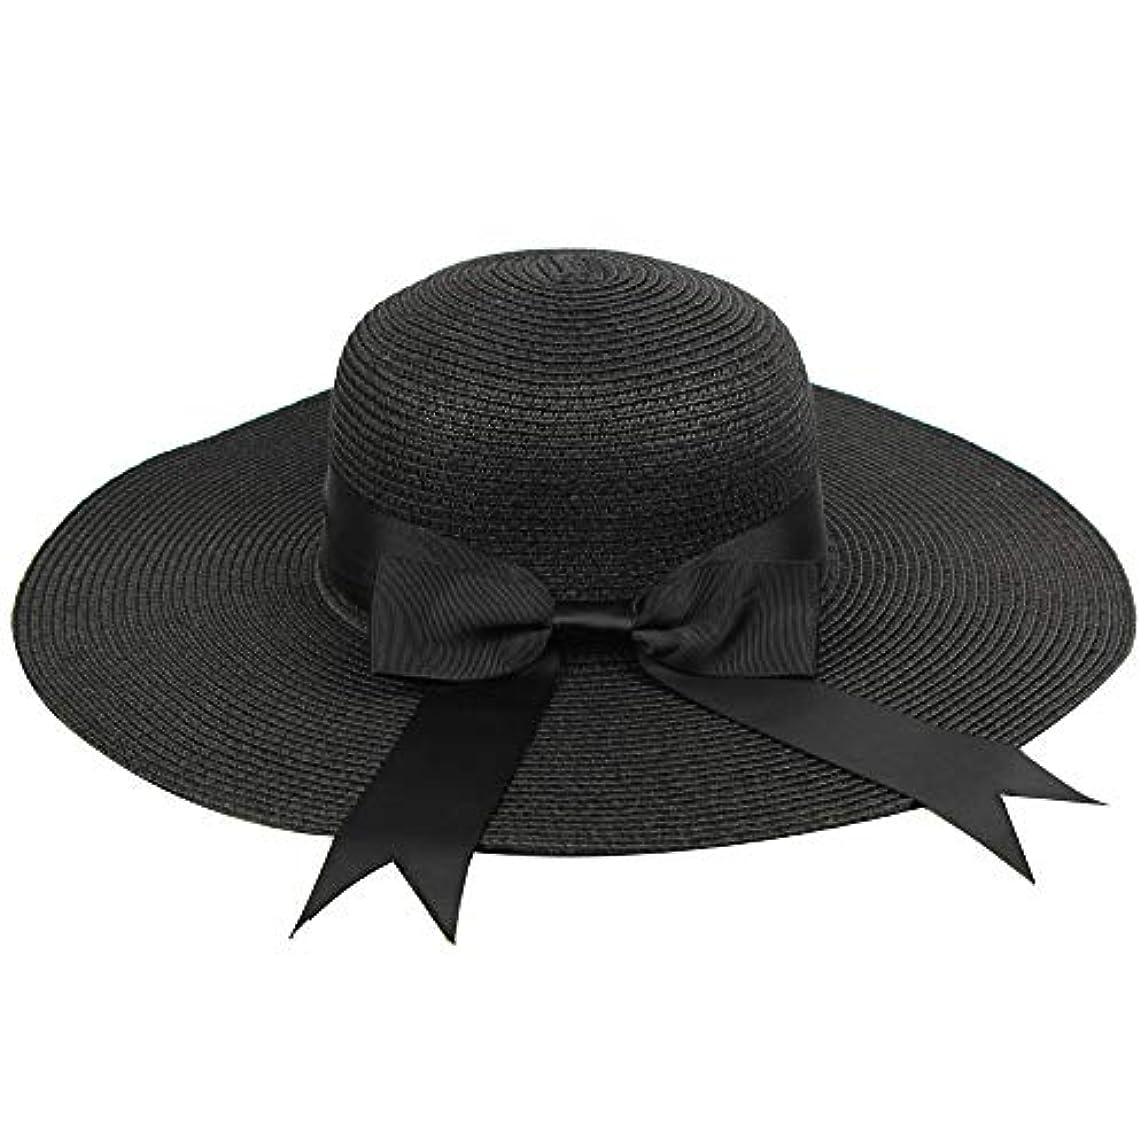 生ワークショップマイナスUVカット 帽子 ハット レディース 紫外線対策 日焼け防止 軽量 熱中症予防 取り外すあご紐 つば広 おしゃれ 広幅 小顔効果抜群 折りたたみ サイズ調節可 旅行 調節テープ 吸汗通気 紫外線対策 ROSE ROMAN